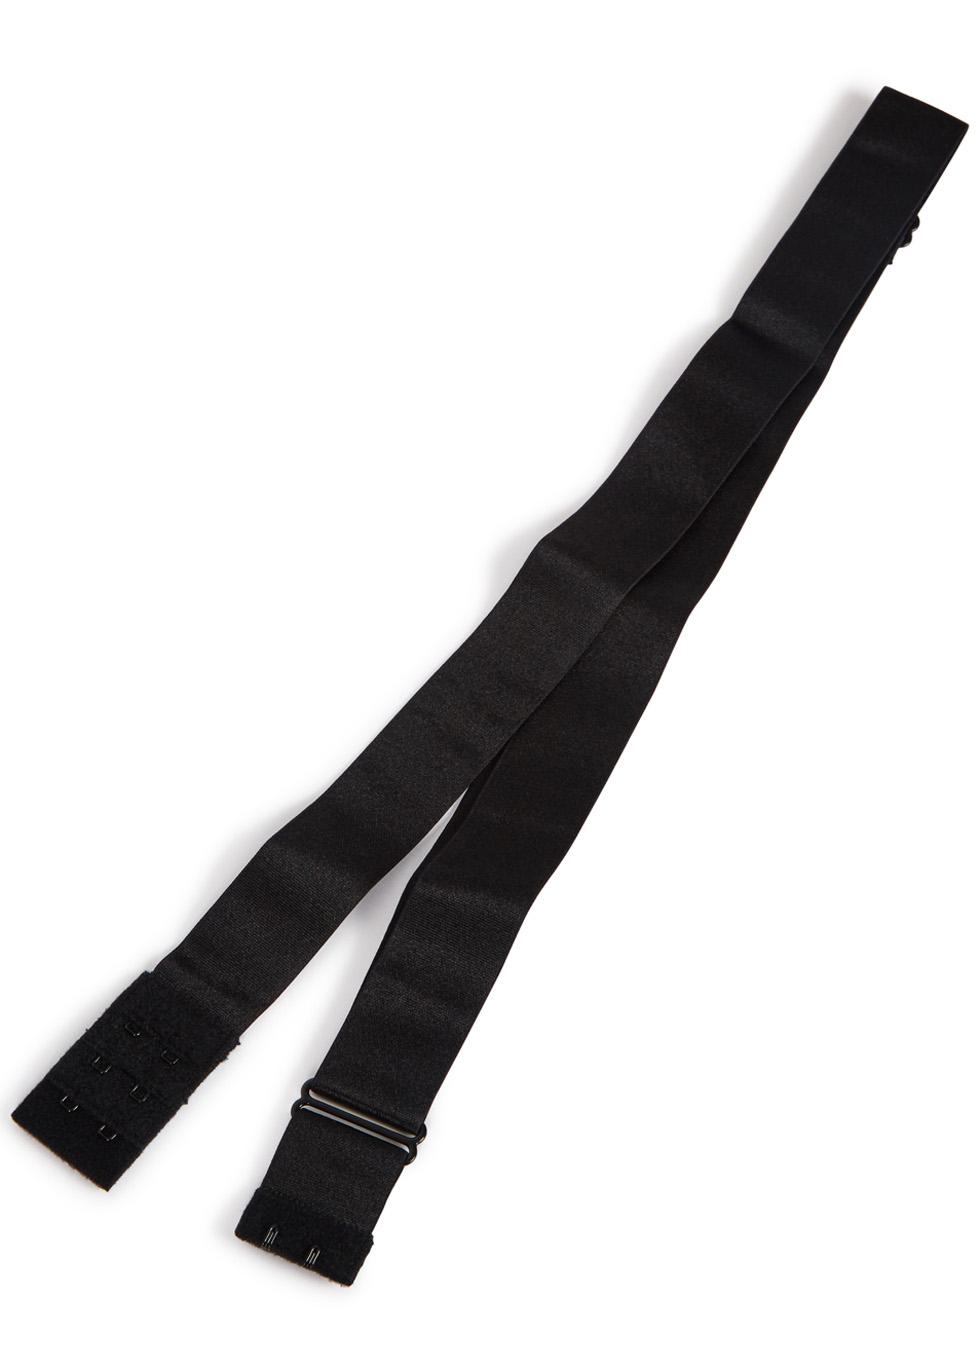 Black adjustable low-back strap - set of 2 - FASHION FORMS